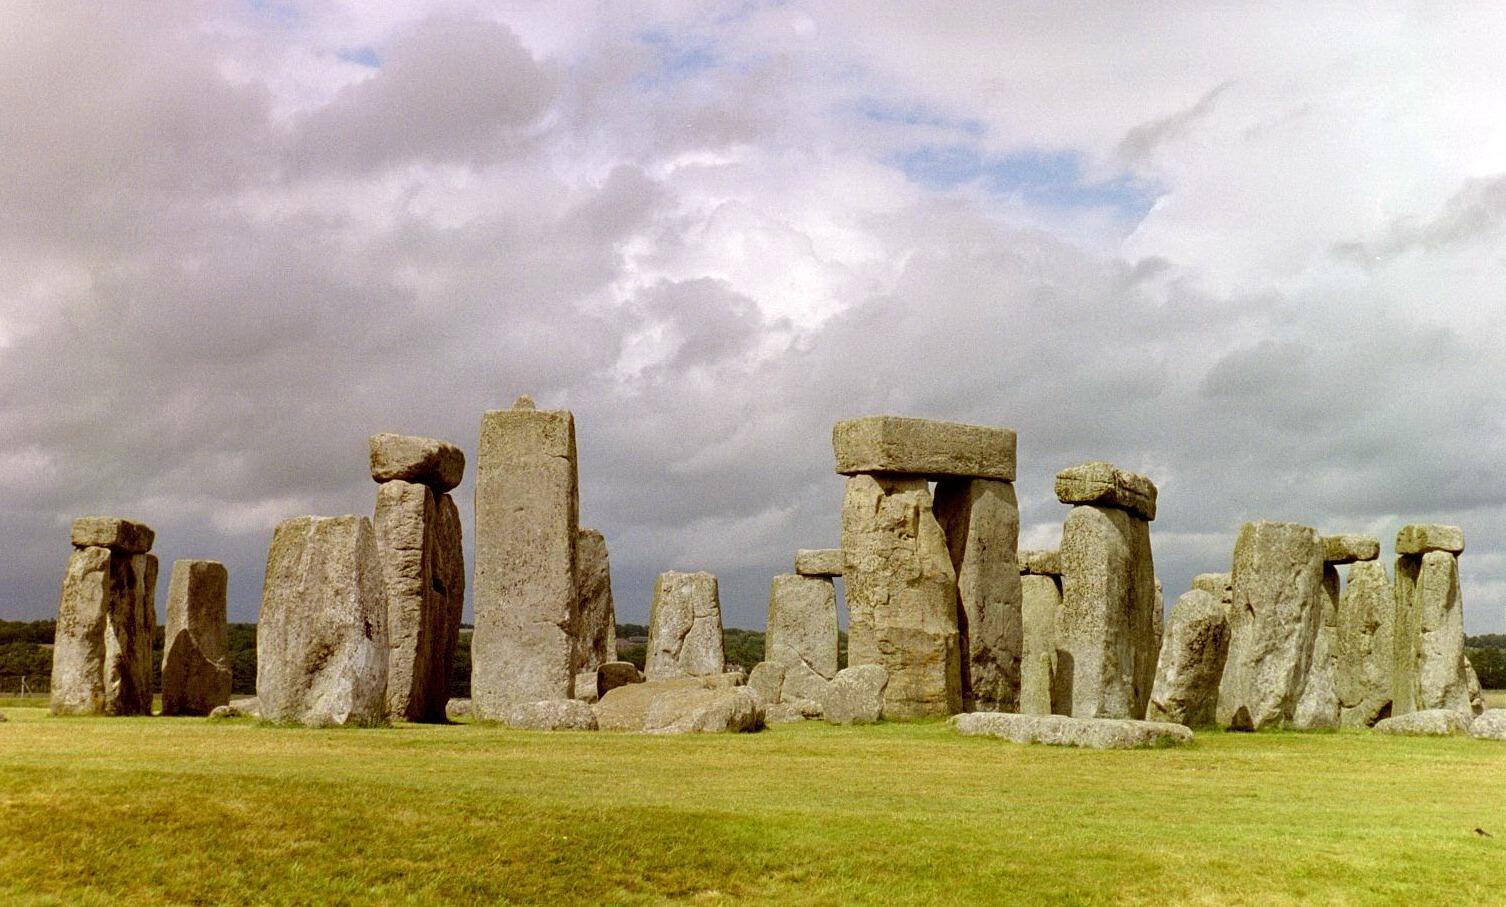 Stonehenge-KMP-2002_image1028_cropped+edited_web-resolution